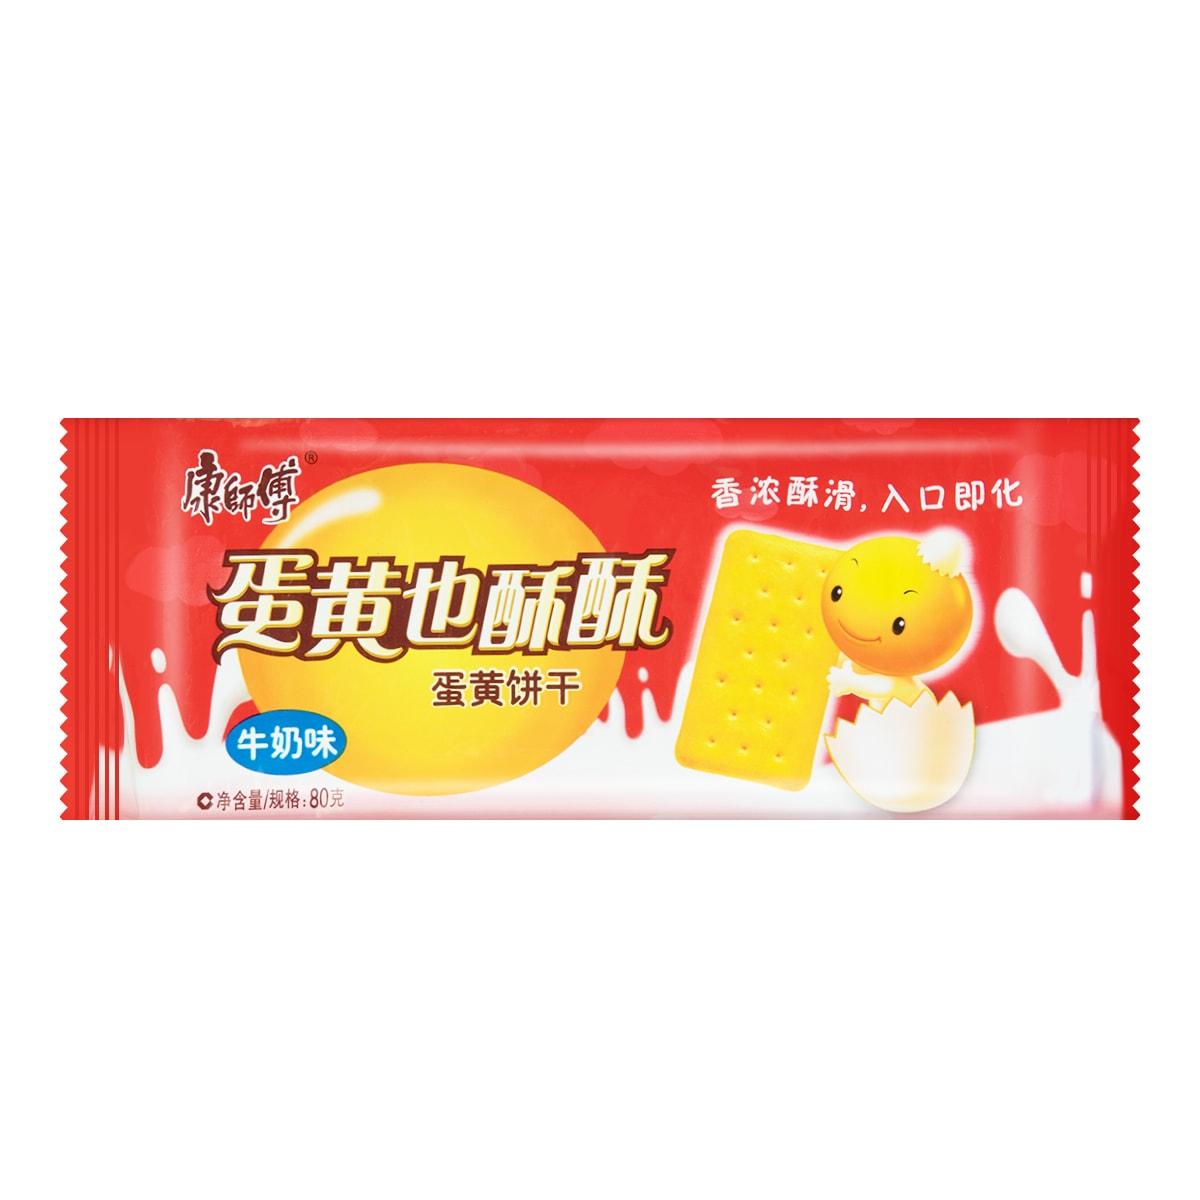 康师傅 蛋黄也酥酥 蛋黄饼干 牛奶味 80g